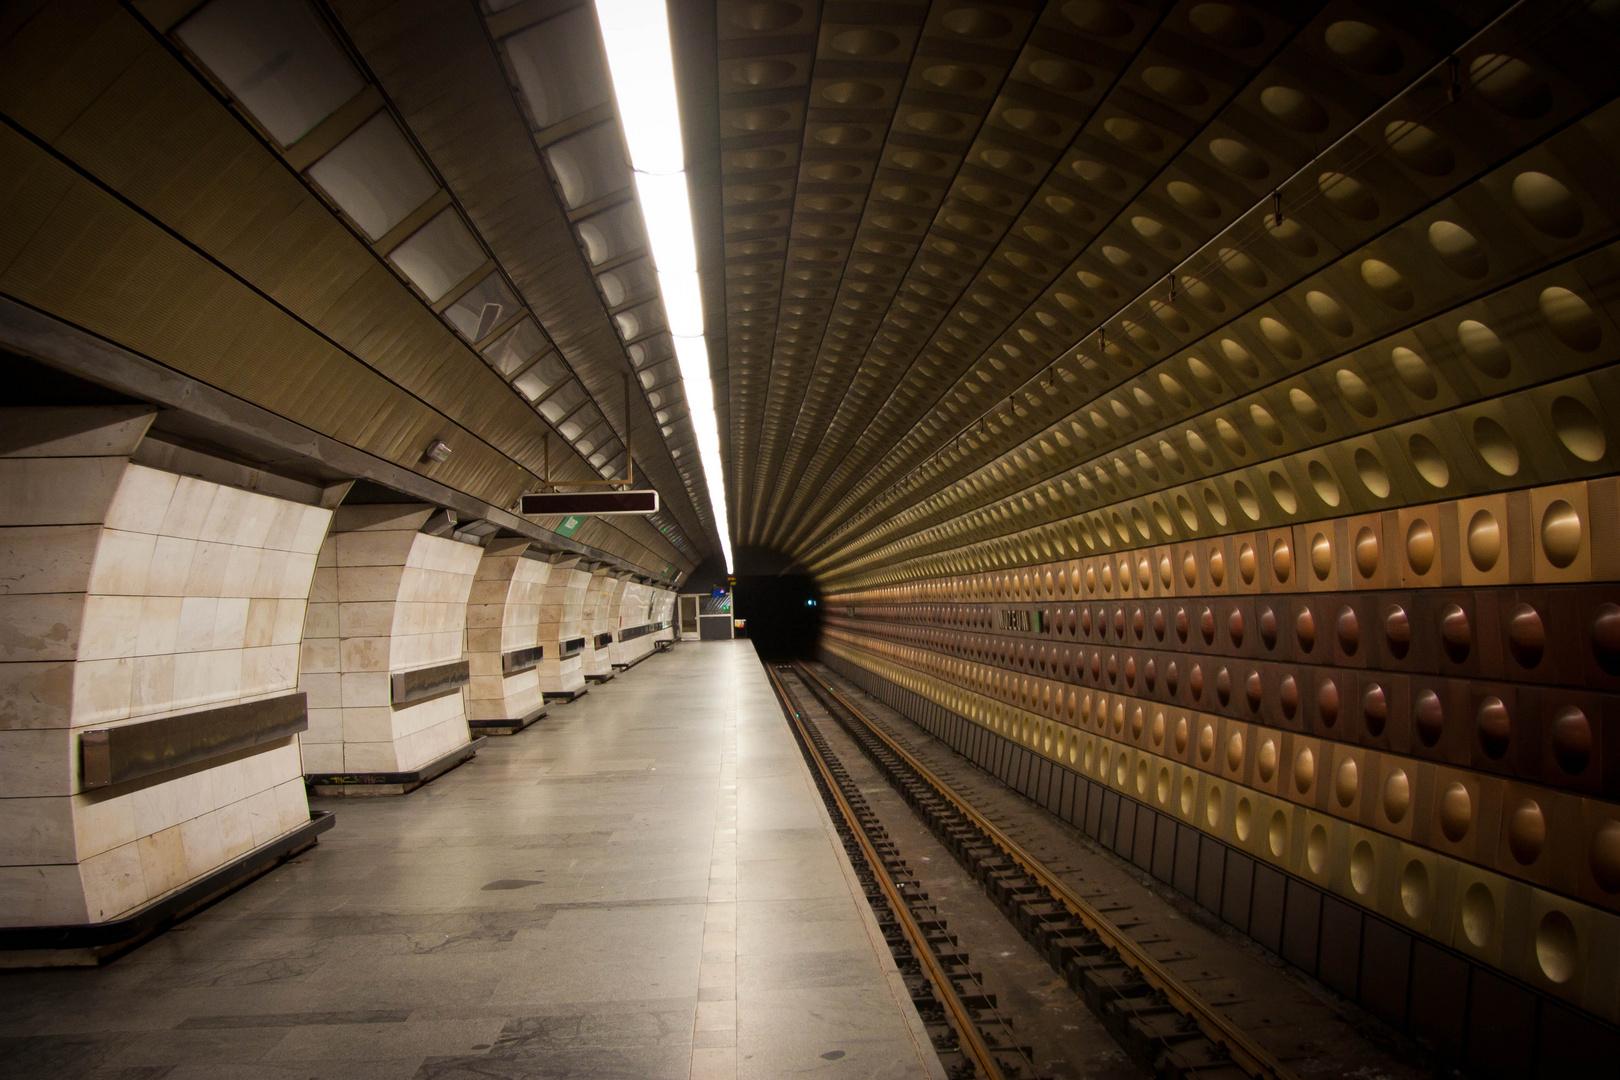 U Bahnstation Muzeum Prag